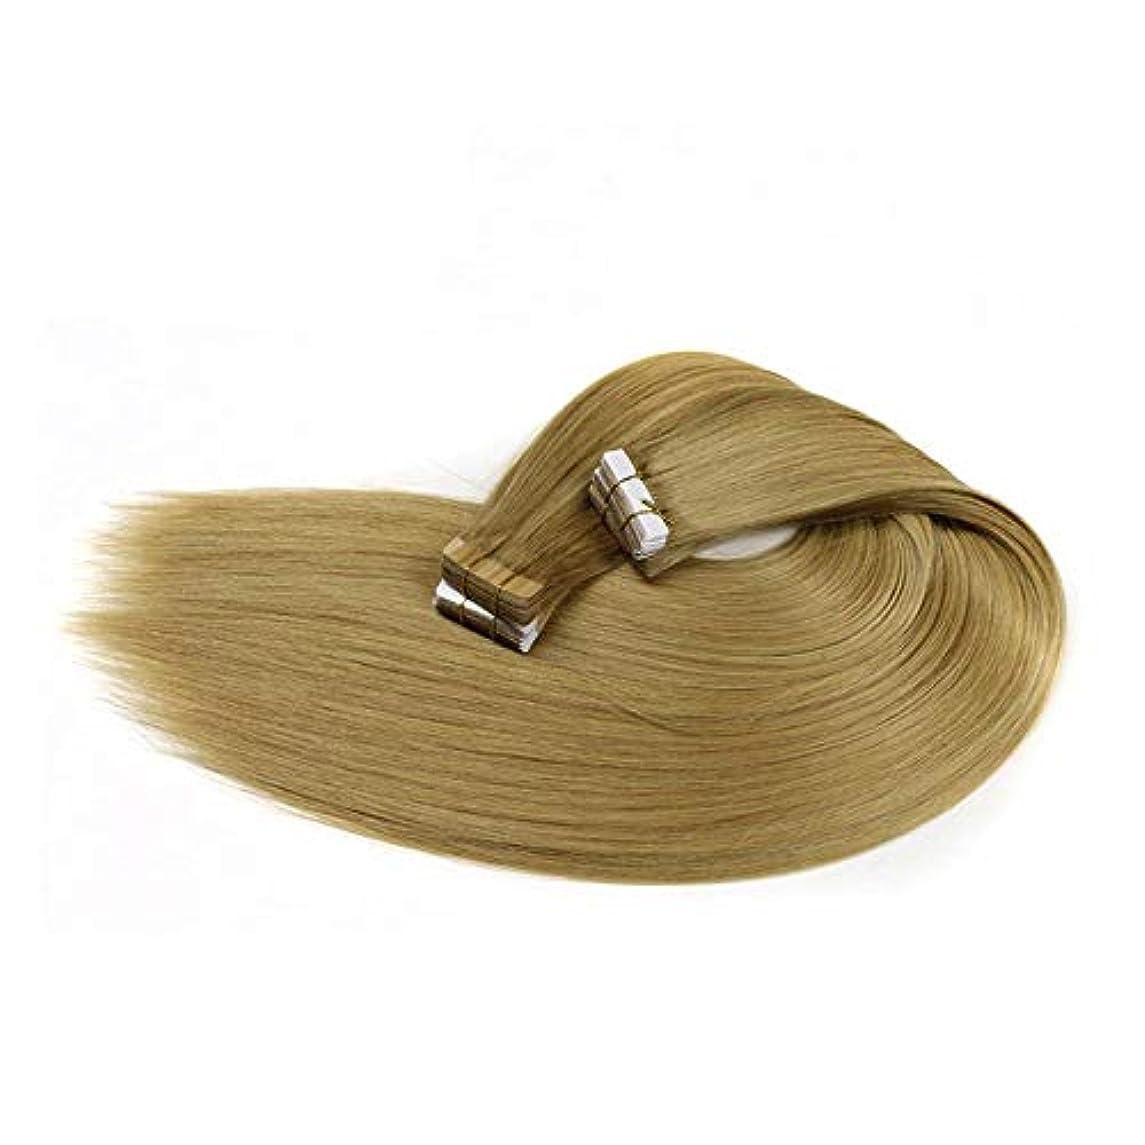 損傷北東フォーカスWASAIO ヘアエクステンションクリップUnseamed髪型ブリーチブロンド、ブラジルの100%人間レミーナノ (色 : Blonde, サイズ : 12 inch)